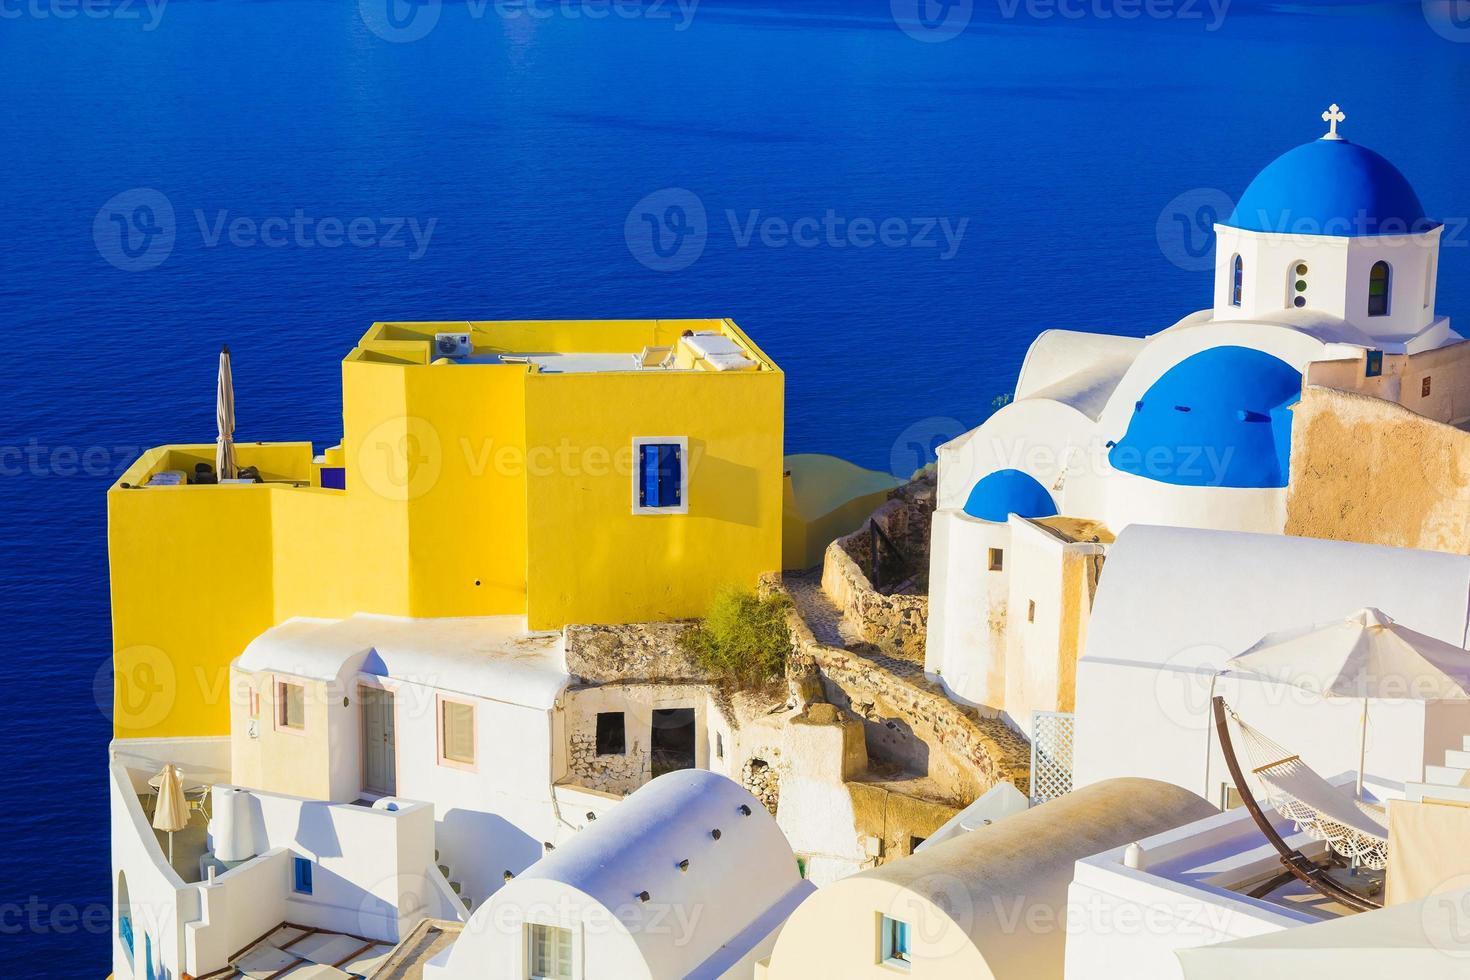 Vues de Santorin sur la caldeira, Oia, Cyclades, Grèce photo